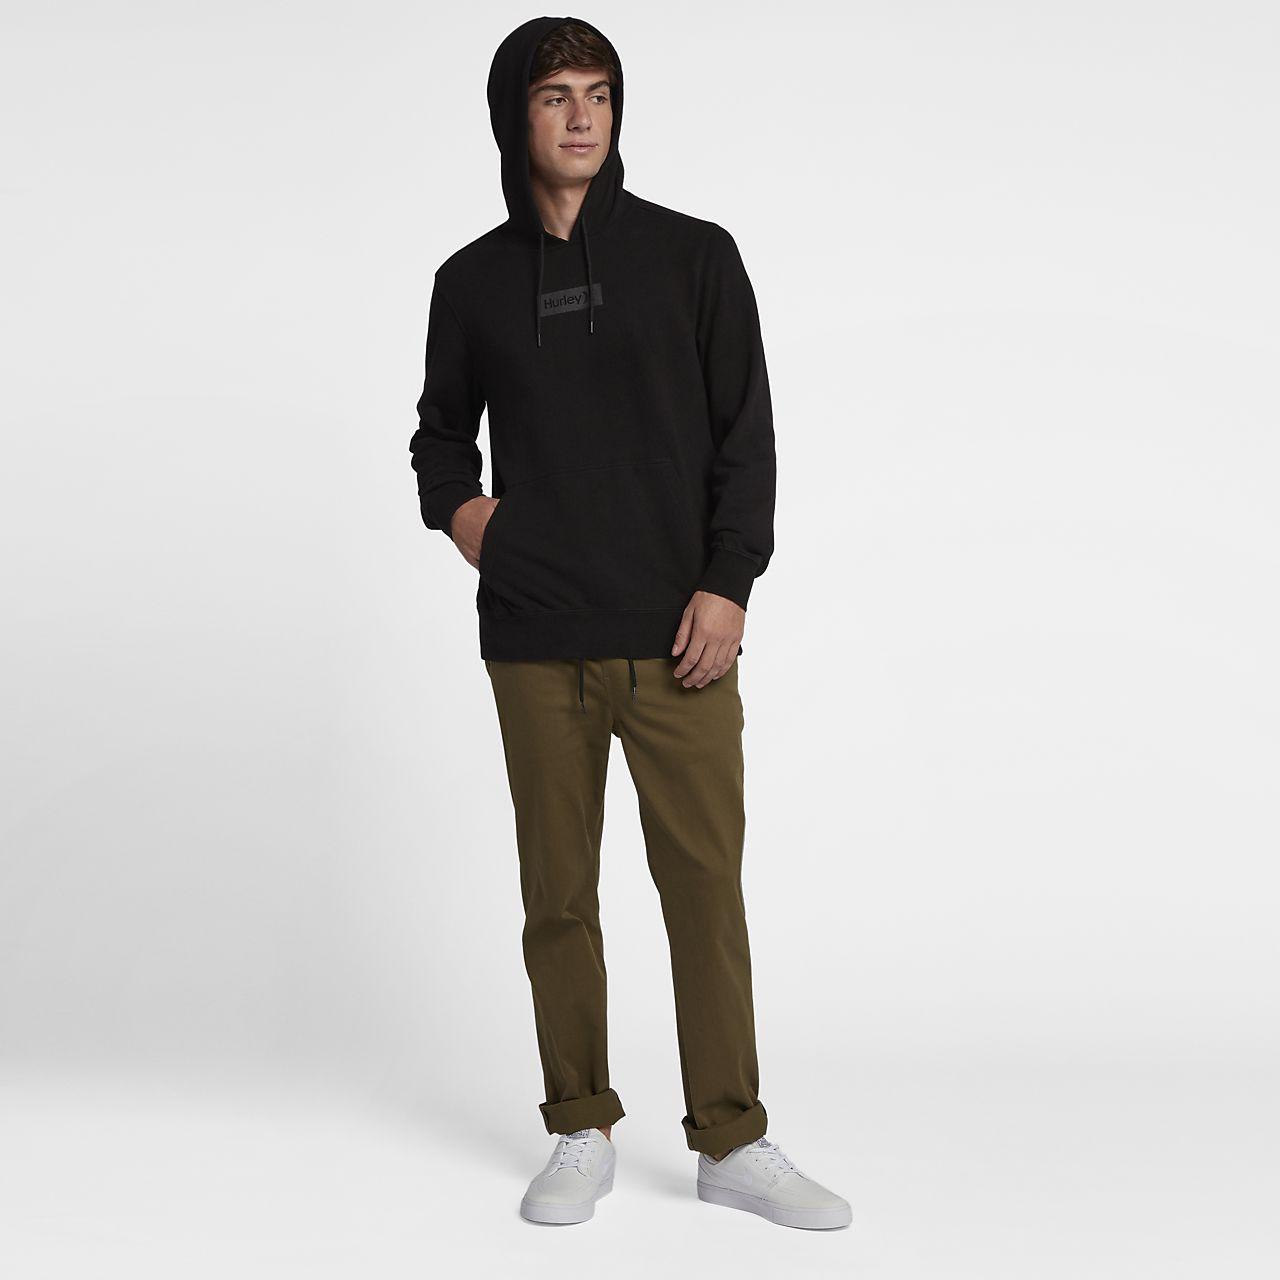 Good Hurley Nike Team Pro Series Adrian Ace Buchan Rainbow Serpent Black Hoodie Med M Activewear